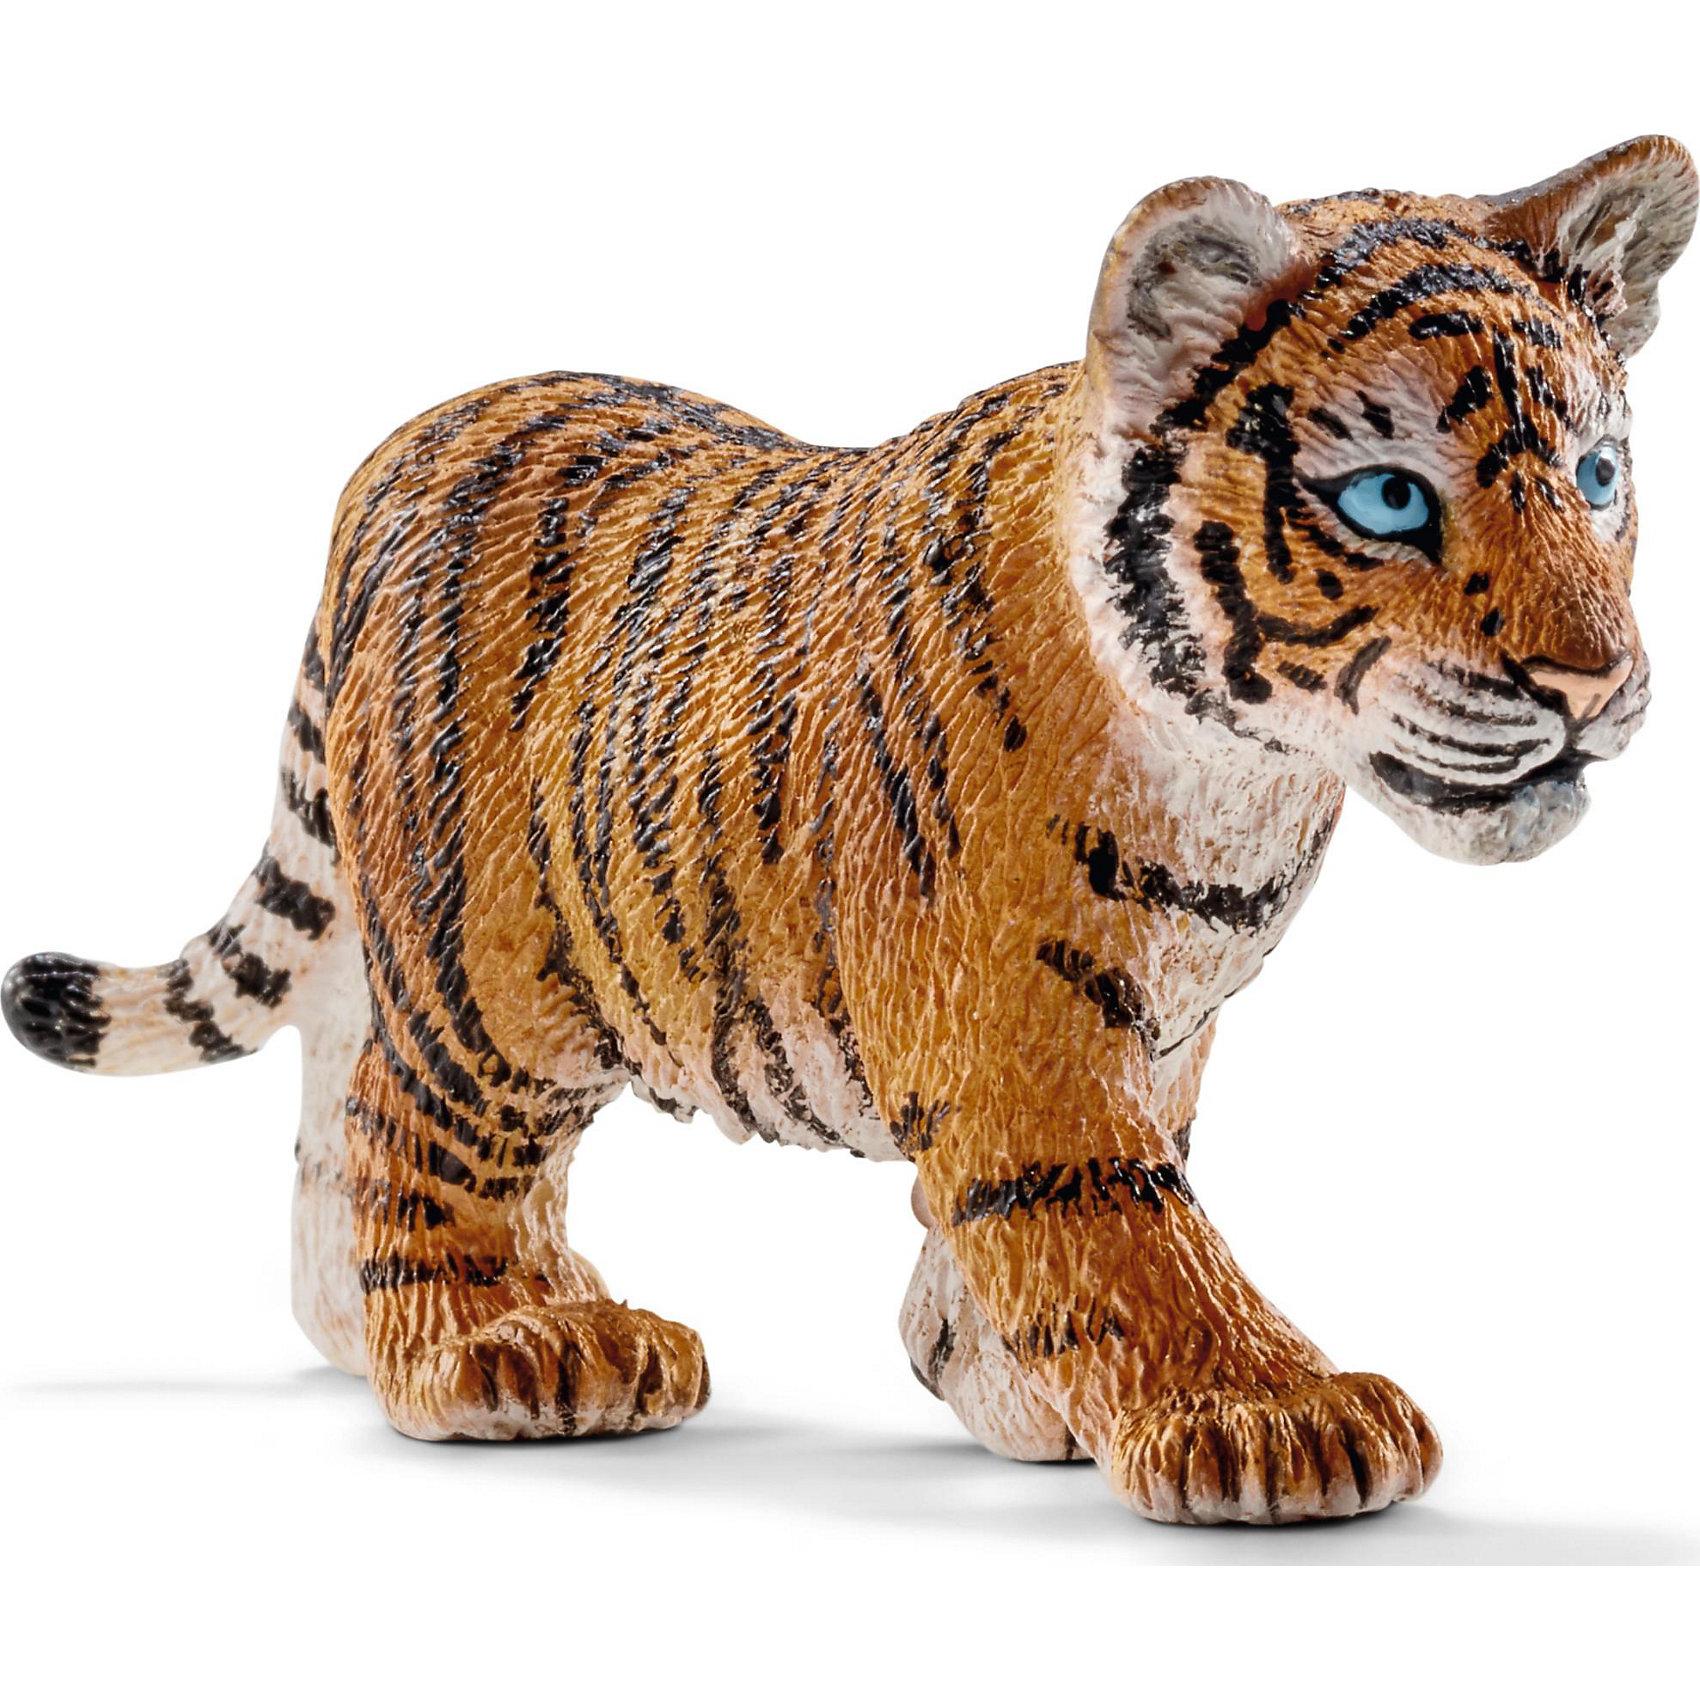 Тигр, SchleichМир животных<br>Тигр, Schleich (Шляйх) – это высококачественная коллекционная и игровая фигурка.<br>Фигурка Тигра прекрасно разнообразит игру вашего ребенка и станет отличным пополнением коллекции его фигурок животных. Тигр является крупнейшей и самой тяжёлой из диких кошек. Тигры очень быстрые и при этом незаметные хищники, а также великолепные пловцы. Тело у тигра массивное, вытянутое, мускулистое, гибкое. Передняя часть тела развита сильнее, чем задняя. Полосы на теле тигра разнообразны и уникальны. Основной функцией полос является маскировка хищника при охоте. Фигурка тигра выполнена в оранжевом цвете с черными полосками. Тигр стоит на четырех лапах, у него яркие голубые глаза. <br>Прекрасно выполненные фигурки Schleich (Шляйх) являются максимально точной копией настоящих животных и отличаются высочайшим качеством игрушек ручной работы. Каждая фигурка разработана с учетом исследований в области педагогики и производится как настоящее произведение для маленьких детских ручек. Все фигурки Schleich (Шляйх) сделаны из гипоаллергенных высокотехнологичных материалов, раскрашены вручную и не вызывают аллергии у ребенка.<br><br>Дополнительная информация:<br><br>- Размер фигурки: 4 x 7 x 2 см.<br>- Материал: высококачественный каучуковый пластик<br><br>Фигурку Тигра, Schleich (Шляйх) можно купить в нашем интернет-магазине.<br><br>Ширина мм: 78<br>Глубина мм: 34<br>Высота мм: 20<br>Вес г: 16<br>Возраст от месяцев: 36<br>Возраст до месяцев: 96<br>Пол: Унисекс<br>Возраст: Детский<br>SKU: 3902537